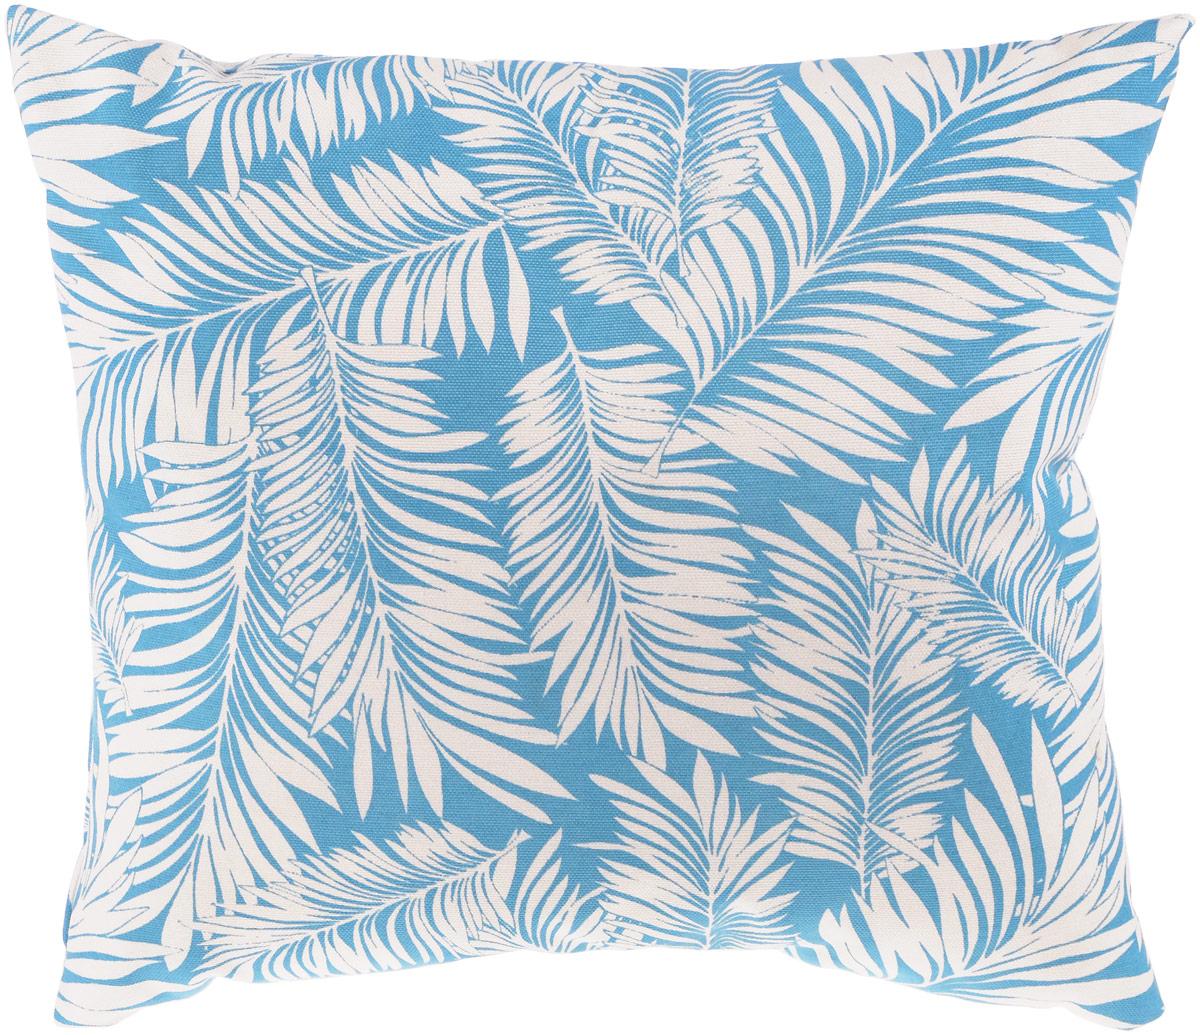 Подушка декоративная KauffOrt Лазурный берег, цвет: голубой, белый, 40 x 40 см3122462140Декоративная подушка Лазурный берег прекрасно дополнит интерьер спальни или гостиной. Очень нежный на ощупь чехол подушки выполнен из 75% хлопка и 25% полиэстера. Внутри находится мягкий наполнитель. Чехол легко снимается благодаря потайной молнии. Красивая подушка создаст атмосферу уюта и комфорта в спальне и станет прекрасным элементом декора.